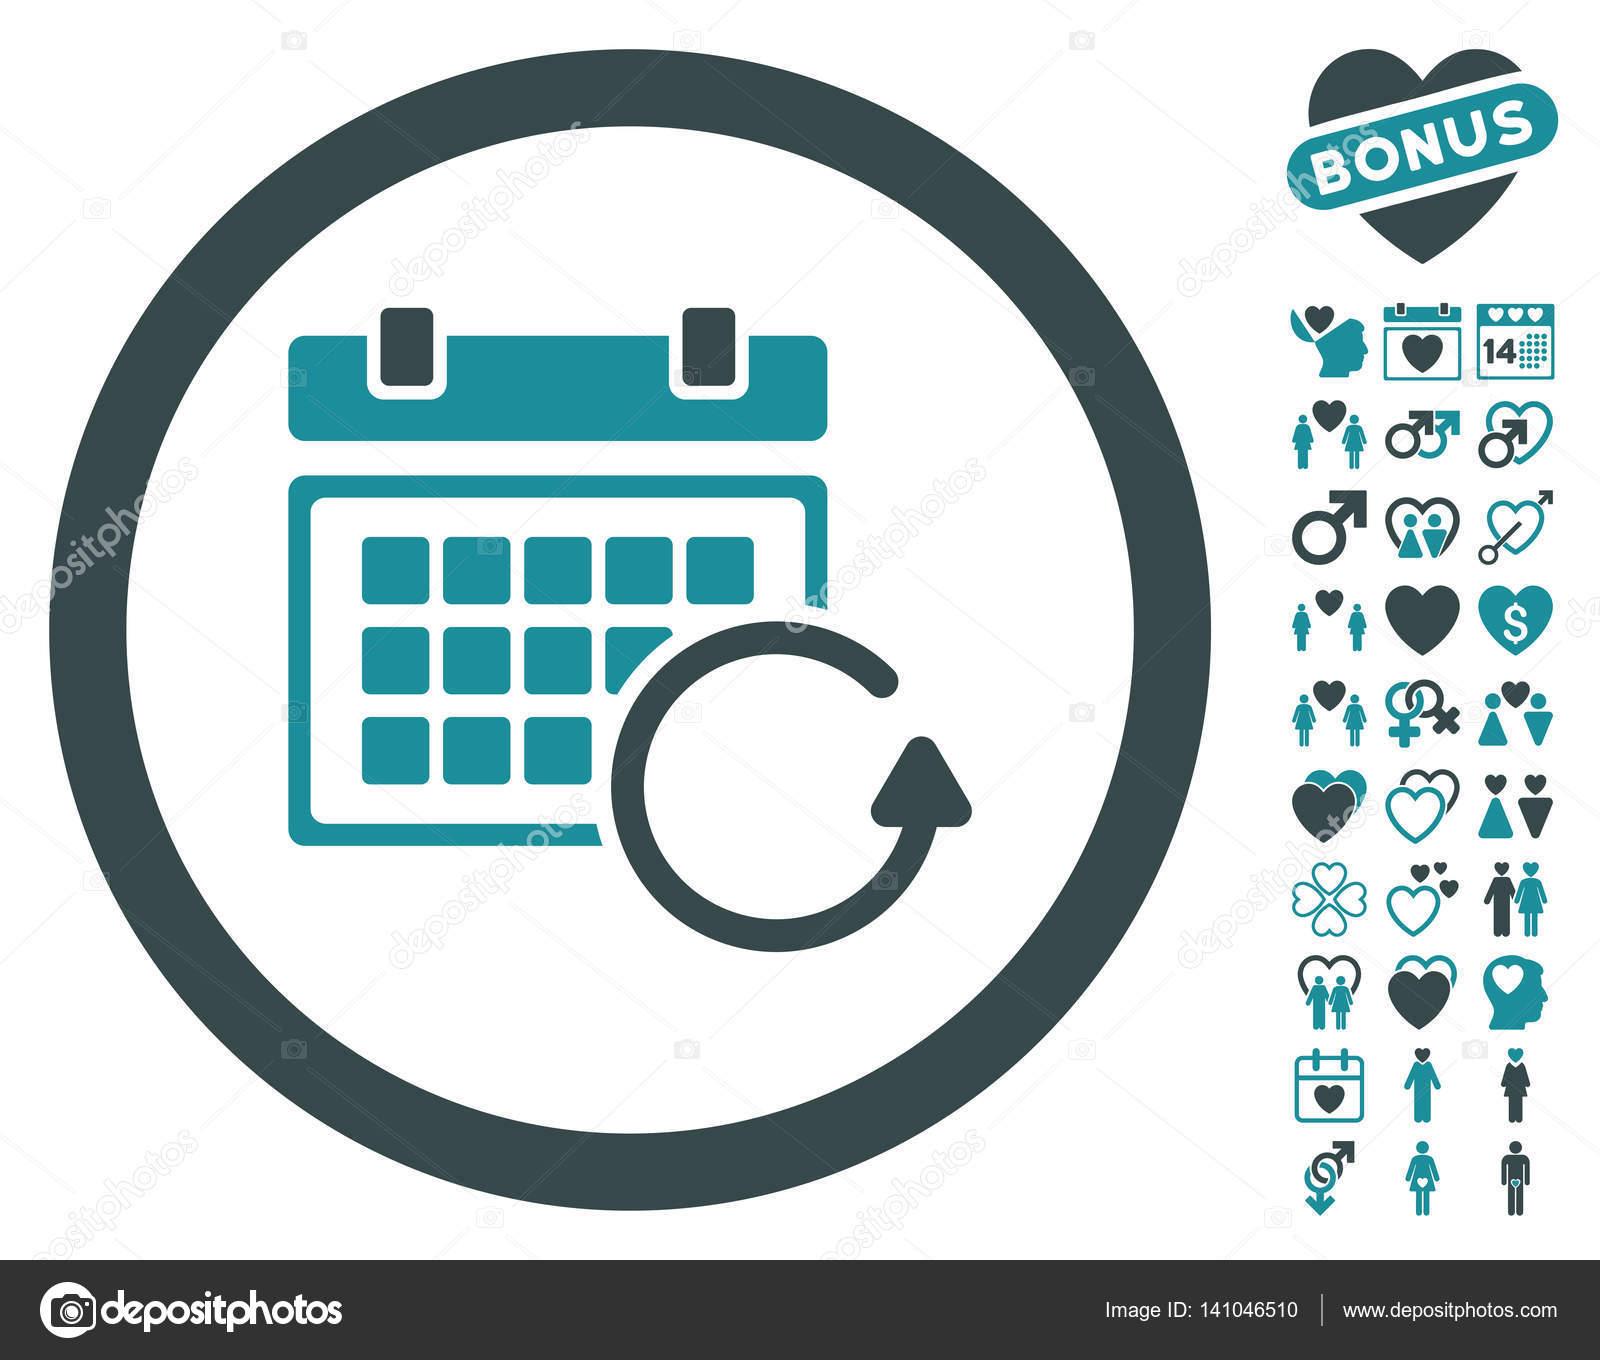 Actualizar Calendario.Actualizacion Calendario Icono Redondeado Con Prima Hermosa